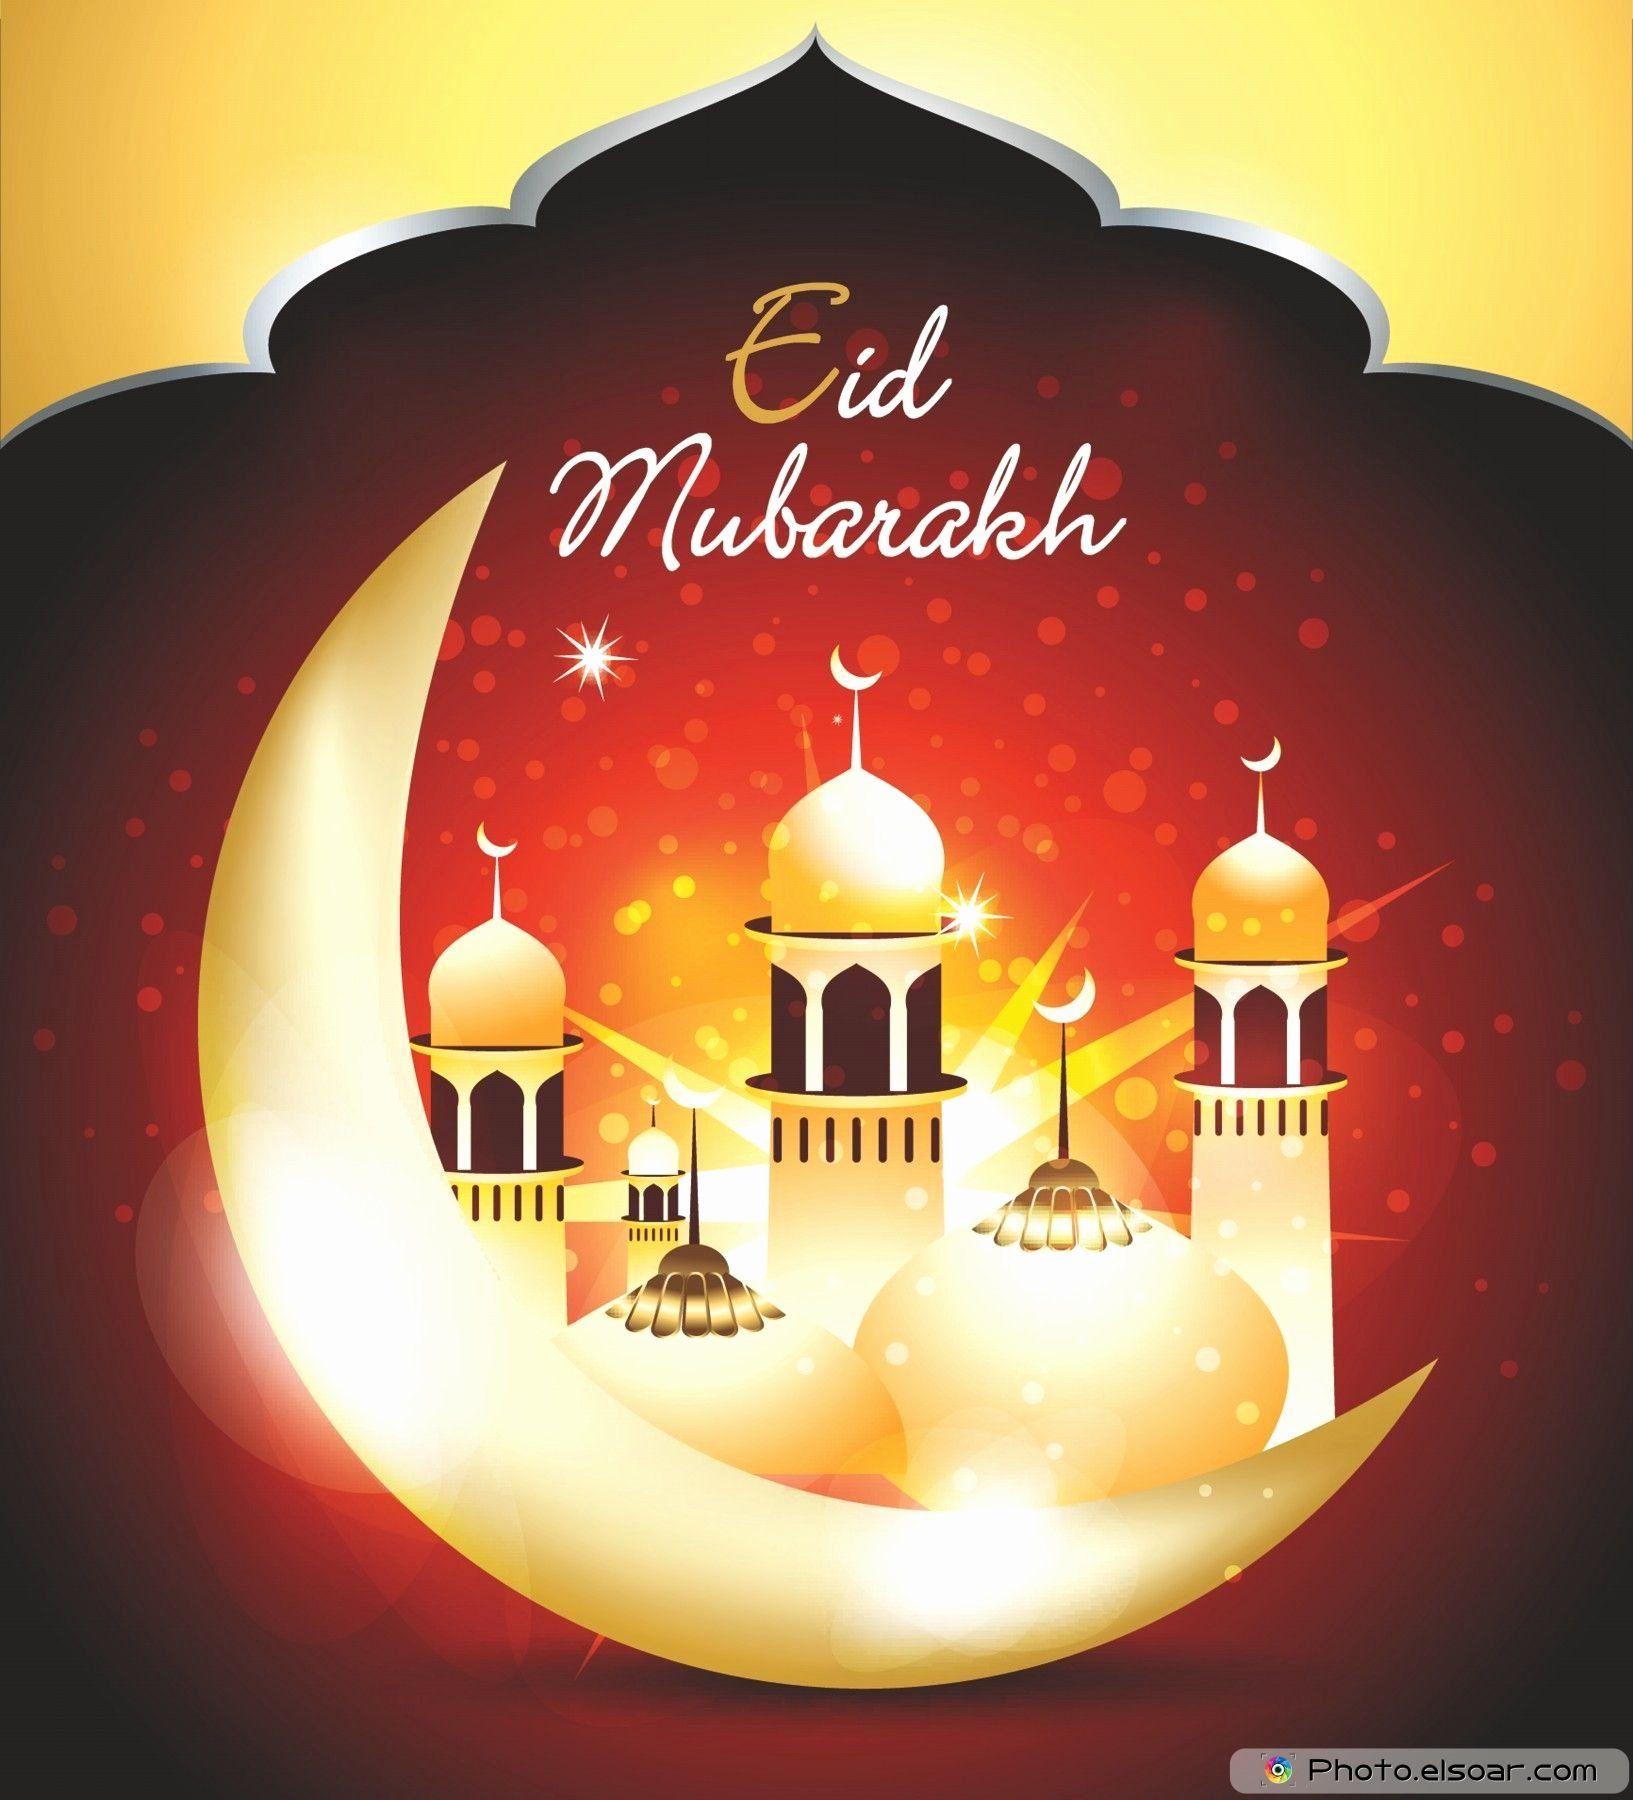 Ramazan Greeting Card Fresh 2019 Religionchurchbuildingcastlebrownblack Eid Mubarak Latar Belakang Ilustrasi Ilustrasi Digital